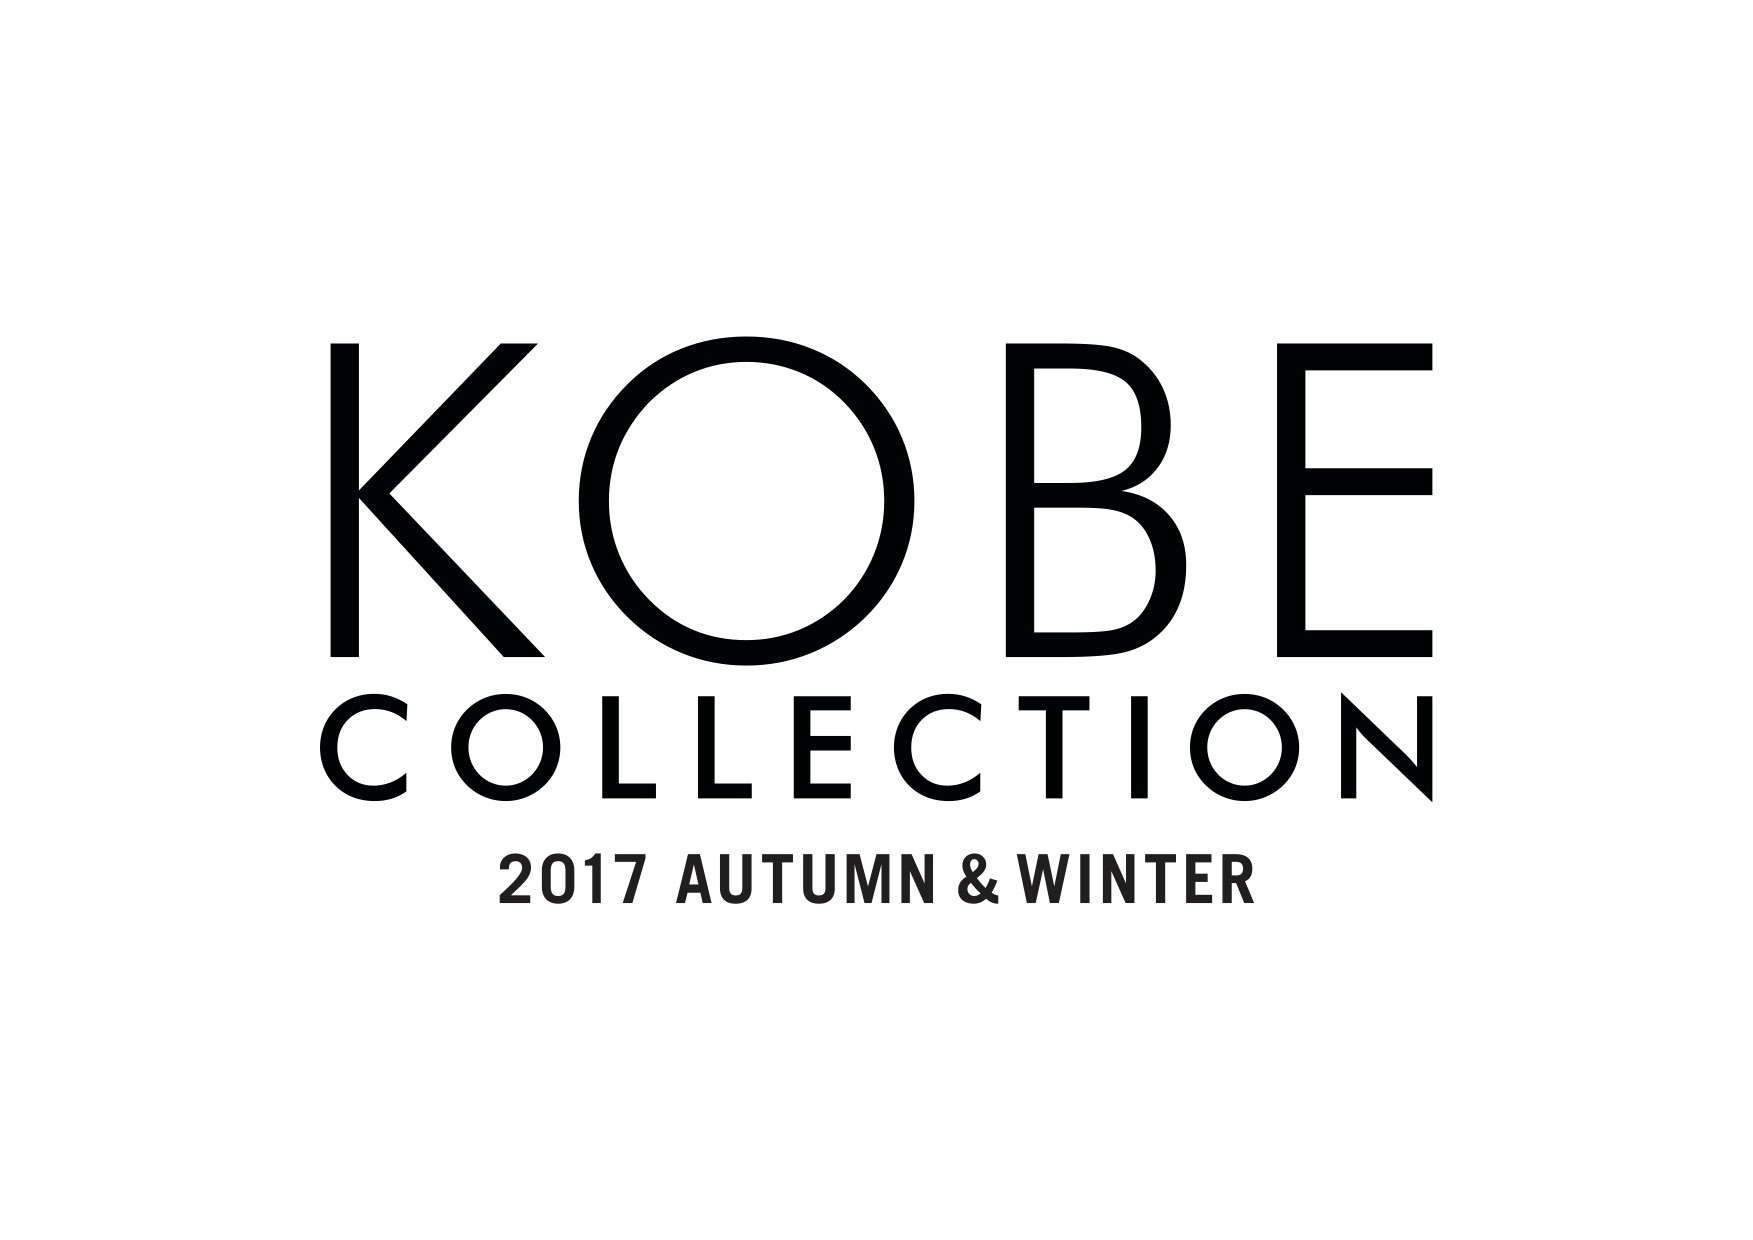 神戸コレクション 2017 AUTUMN/WINTER